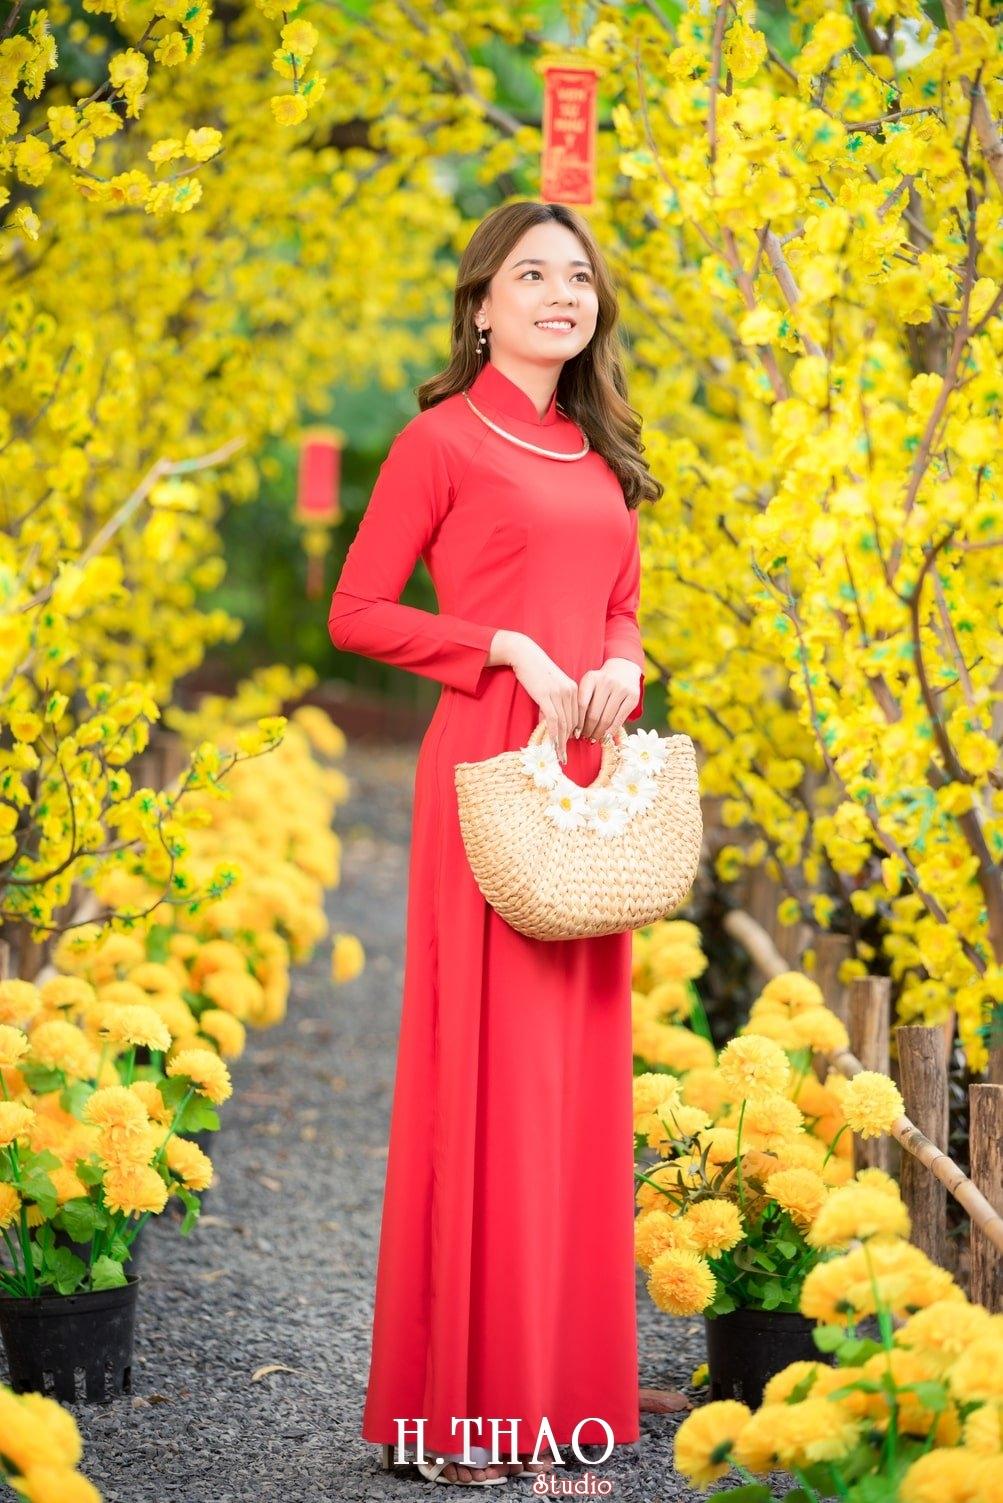 Ao dai tet do 3 - Top 40 ảnh áo dài chụp với Hoa đào, hoa mai tết tuyệt đẹp- HThao Studio